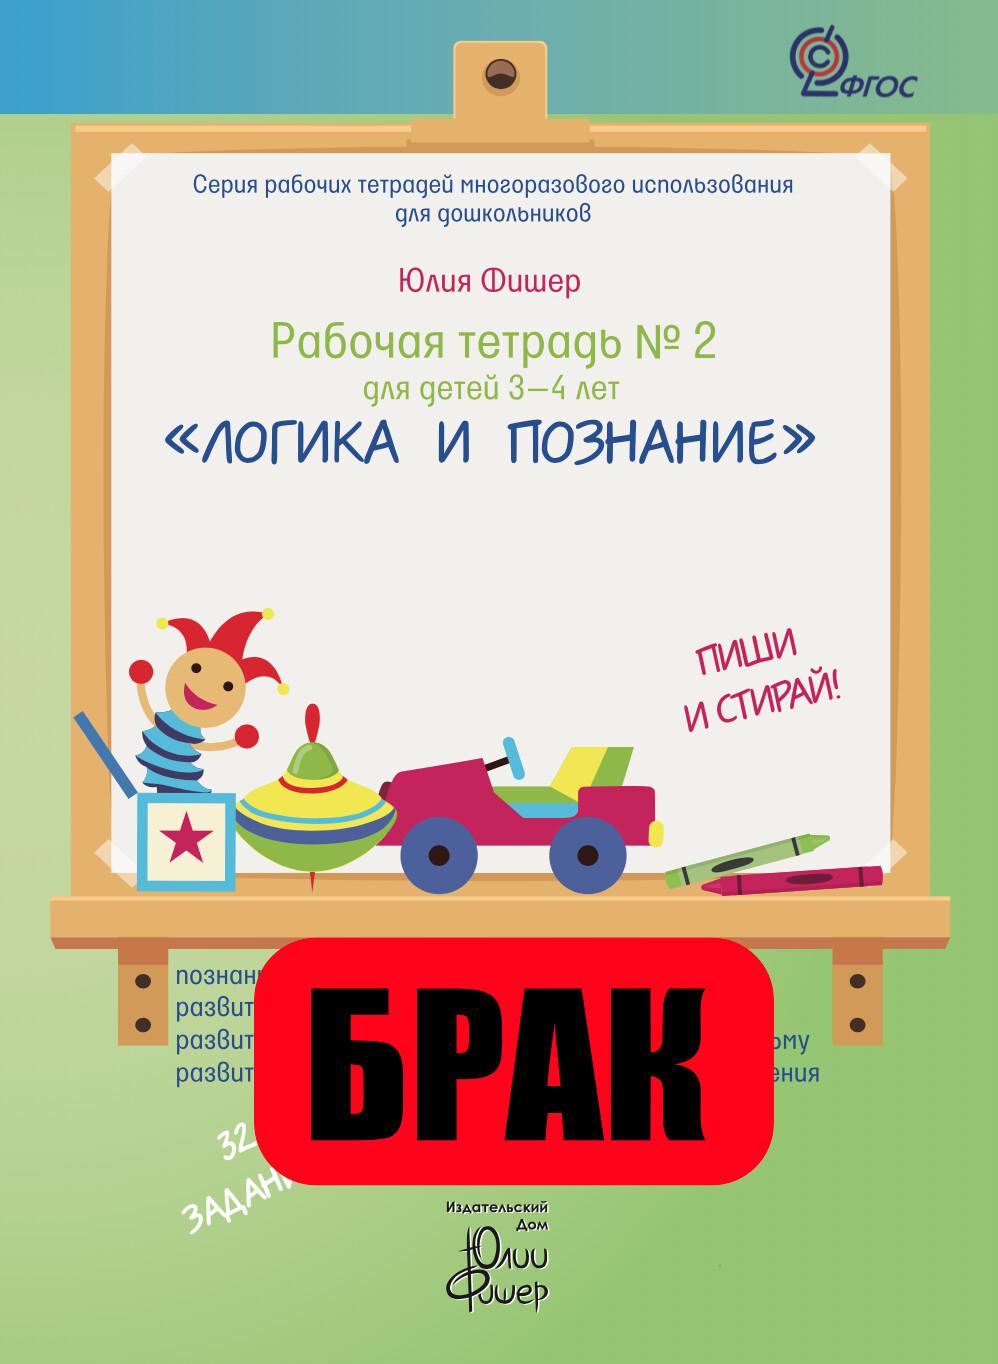 БРАК. Рабочая тетрадь № 2 для детей 3-4 лет «Логика и познание». ФГОС.  Маркер в комплекте (зелёный)